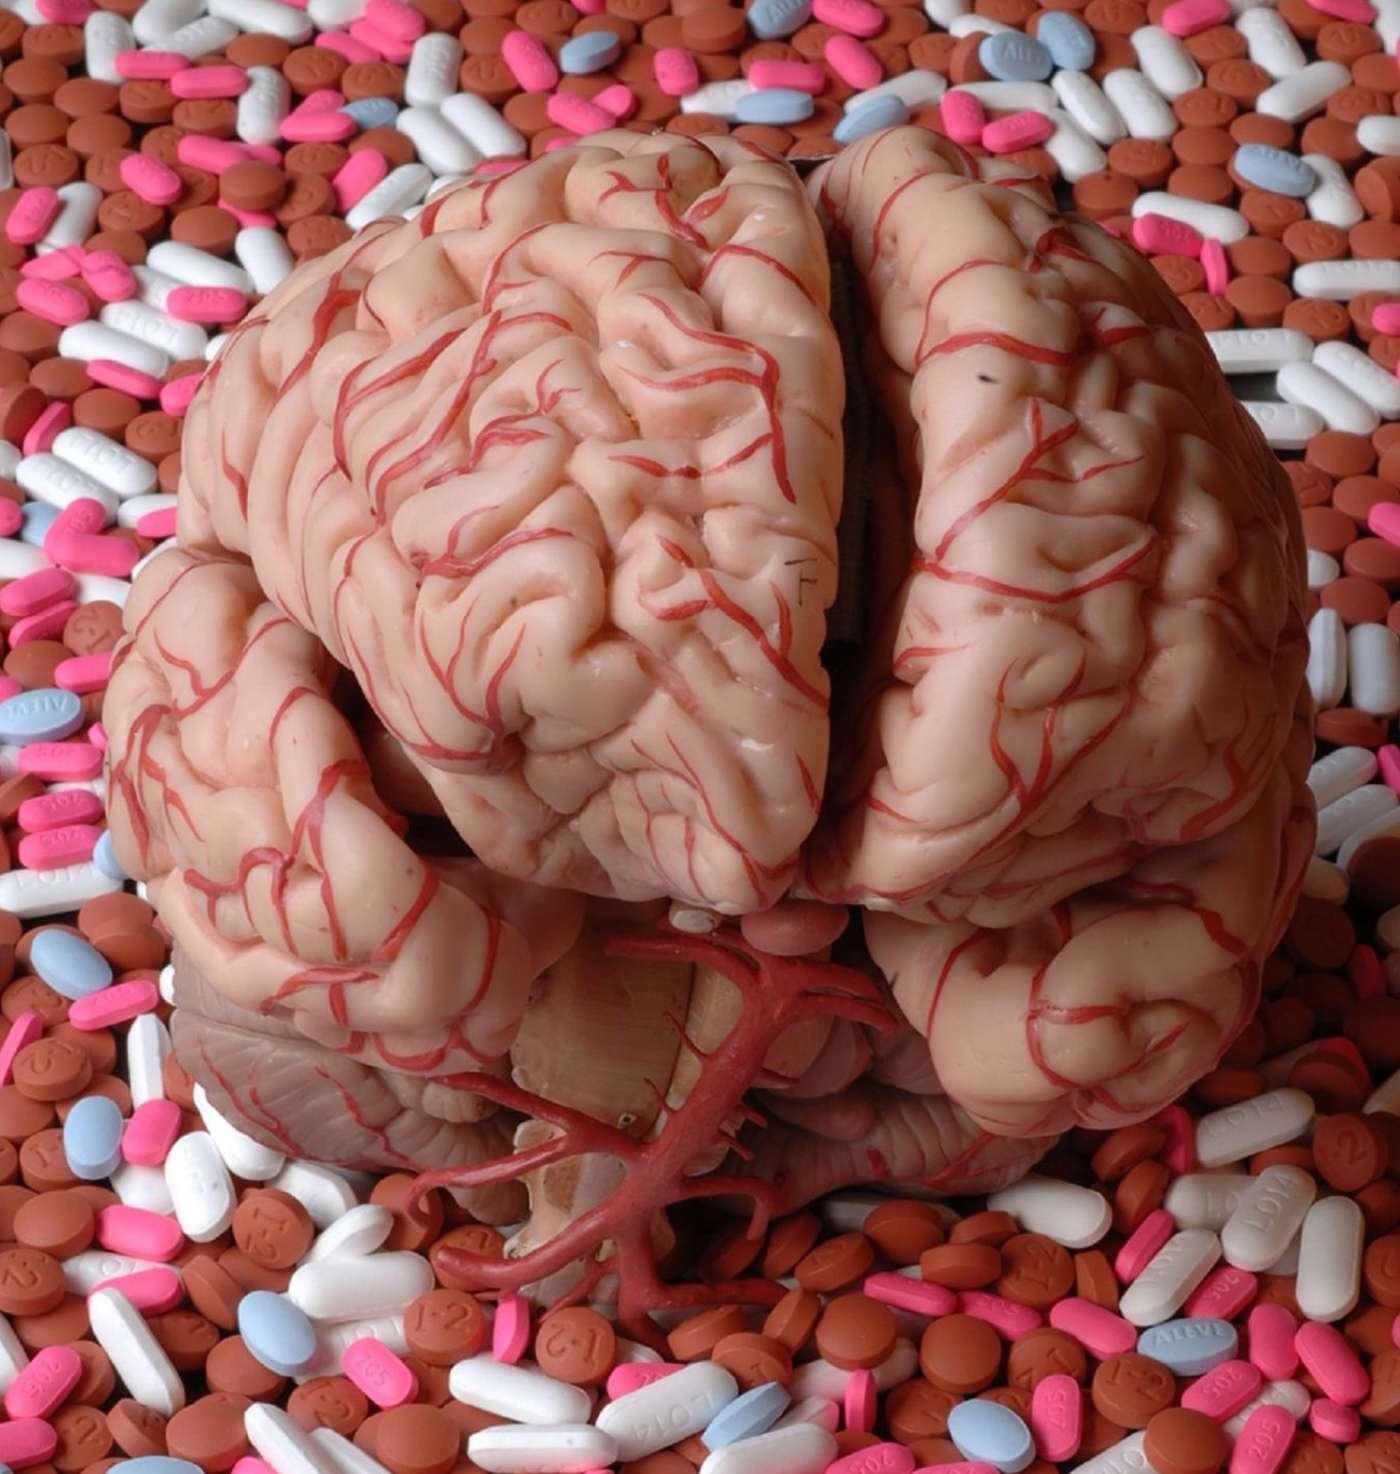 Les benzodiazépines prescrites pour dormir augmenteraient le risque de démence chez les plus de 65 ans. © Marc Soller, Flickr, CC by-nc-nd 2.0